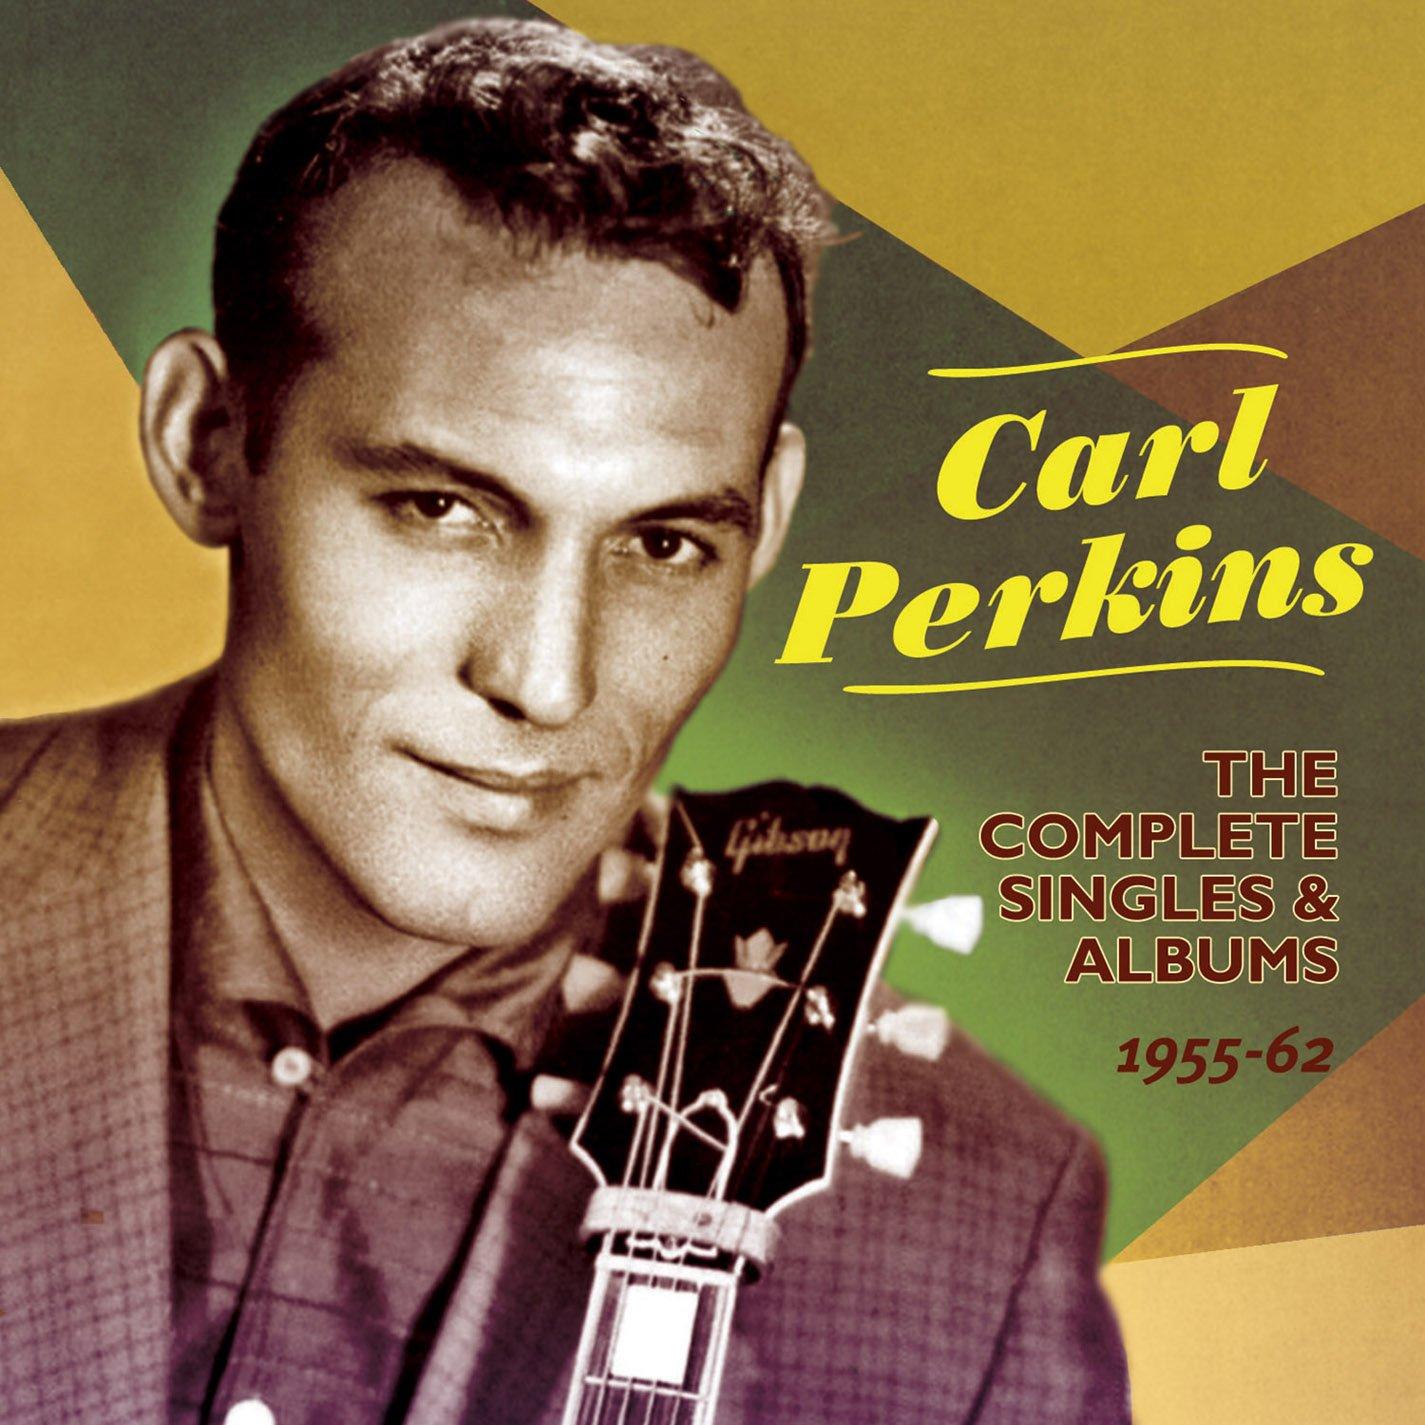 Αποτέλεσμα εικόνας για Carl Perkins